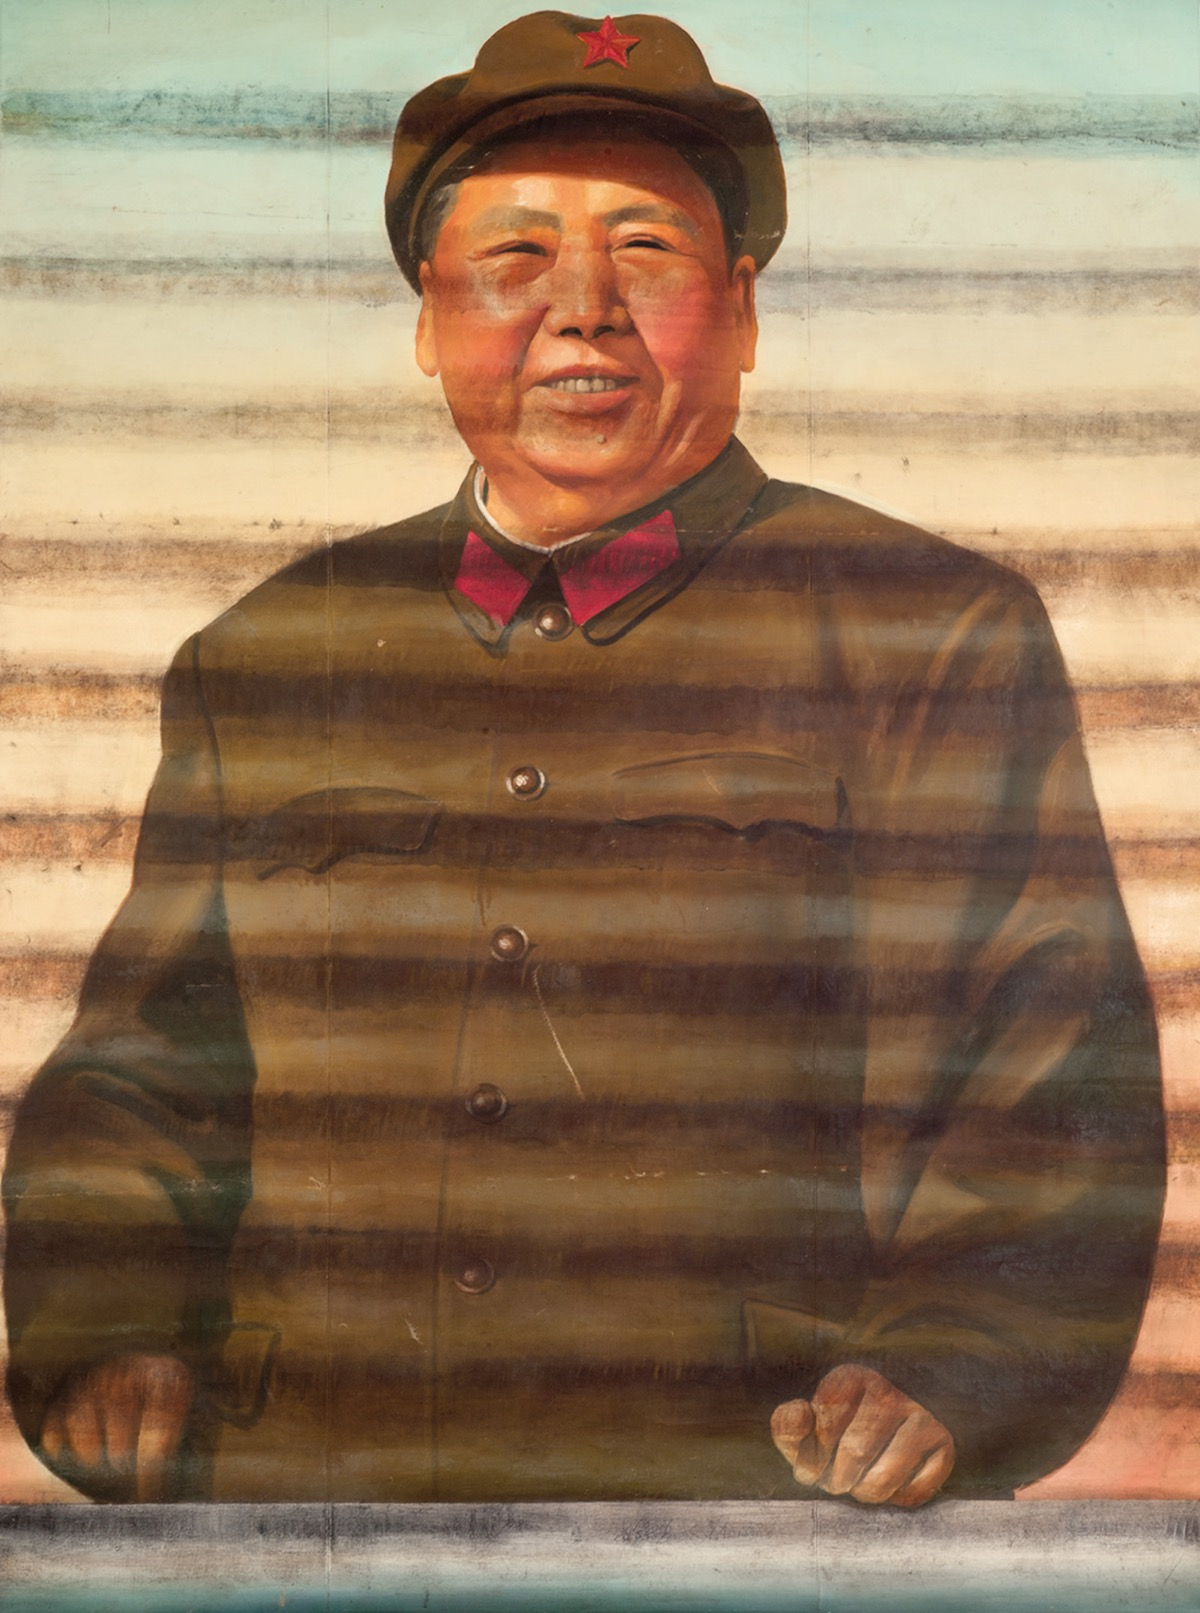 Ai Weiwei: Mao (Facing Forward, 1986) from the exhibition 'Andy Warhol/Ai Weiwei'